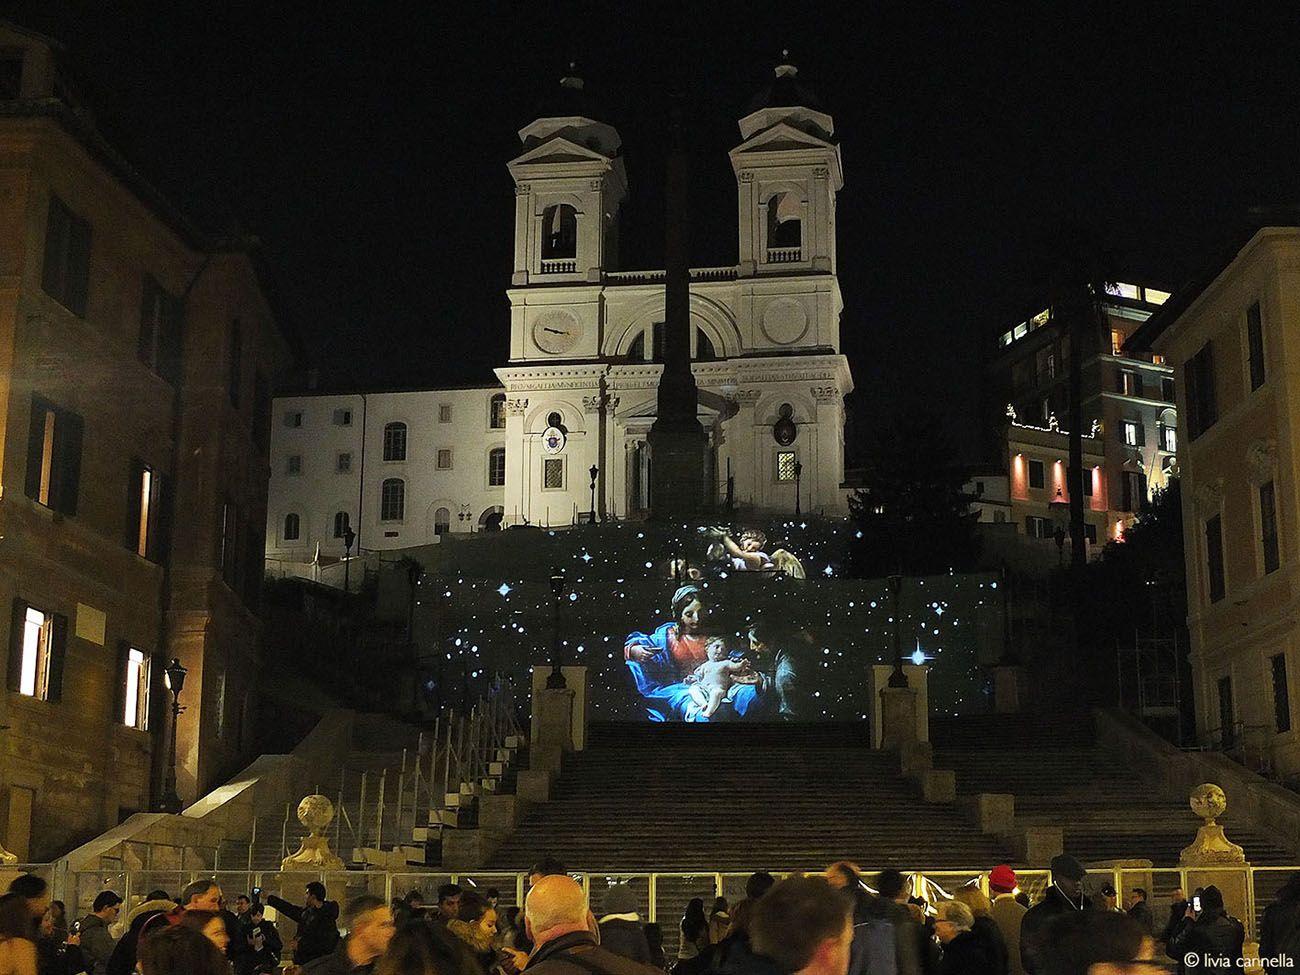 Natale in Giubilo. Scalinata di Trinità dei Monti, Roma 2015-16. Ideazione, progetto e realizzazione di Livia Cannella